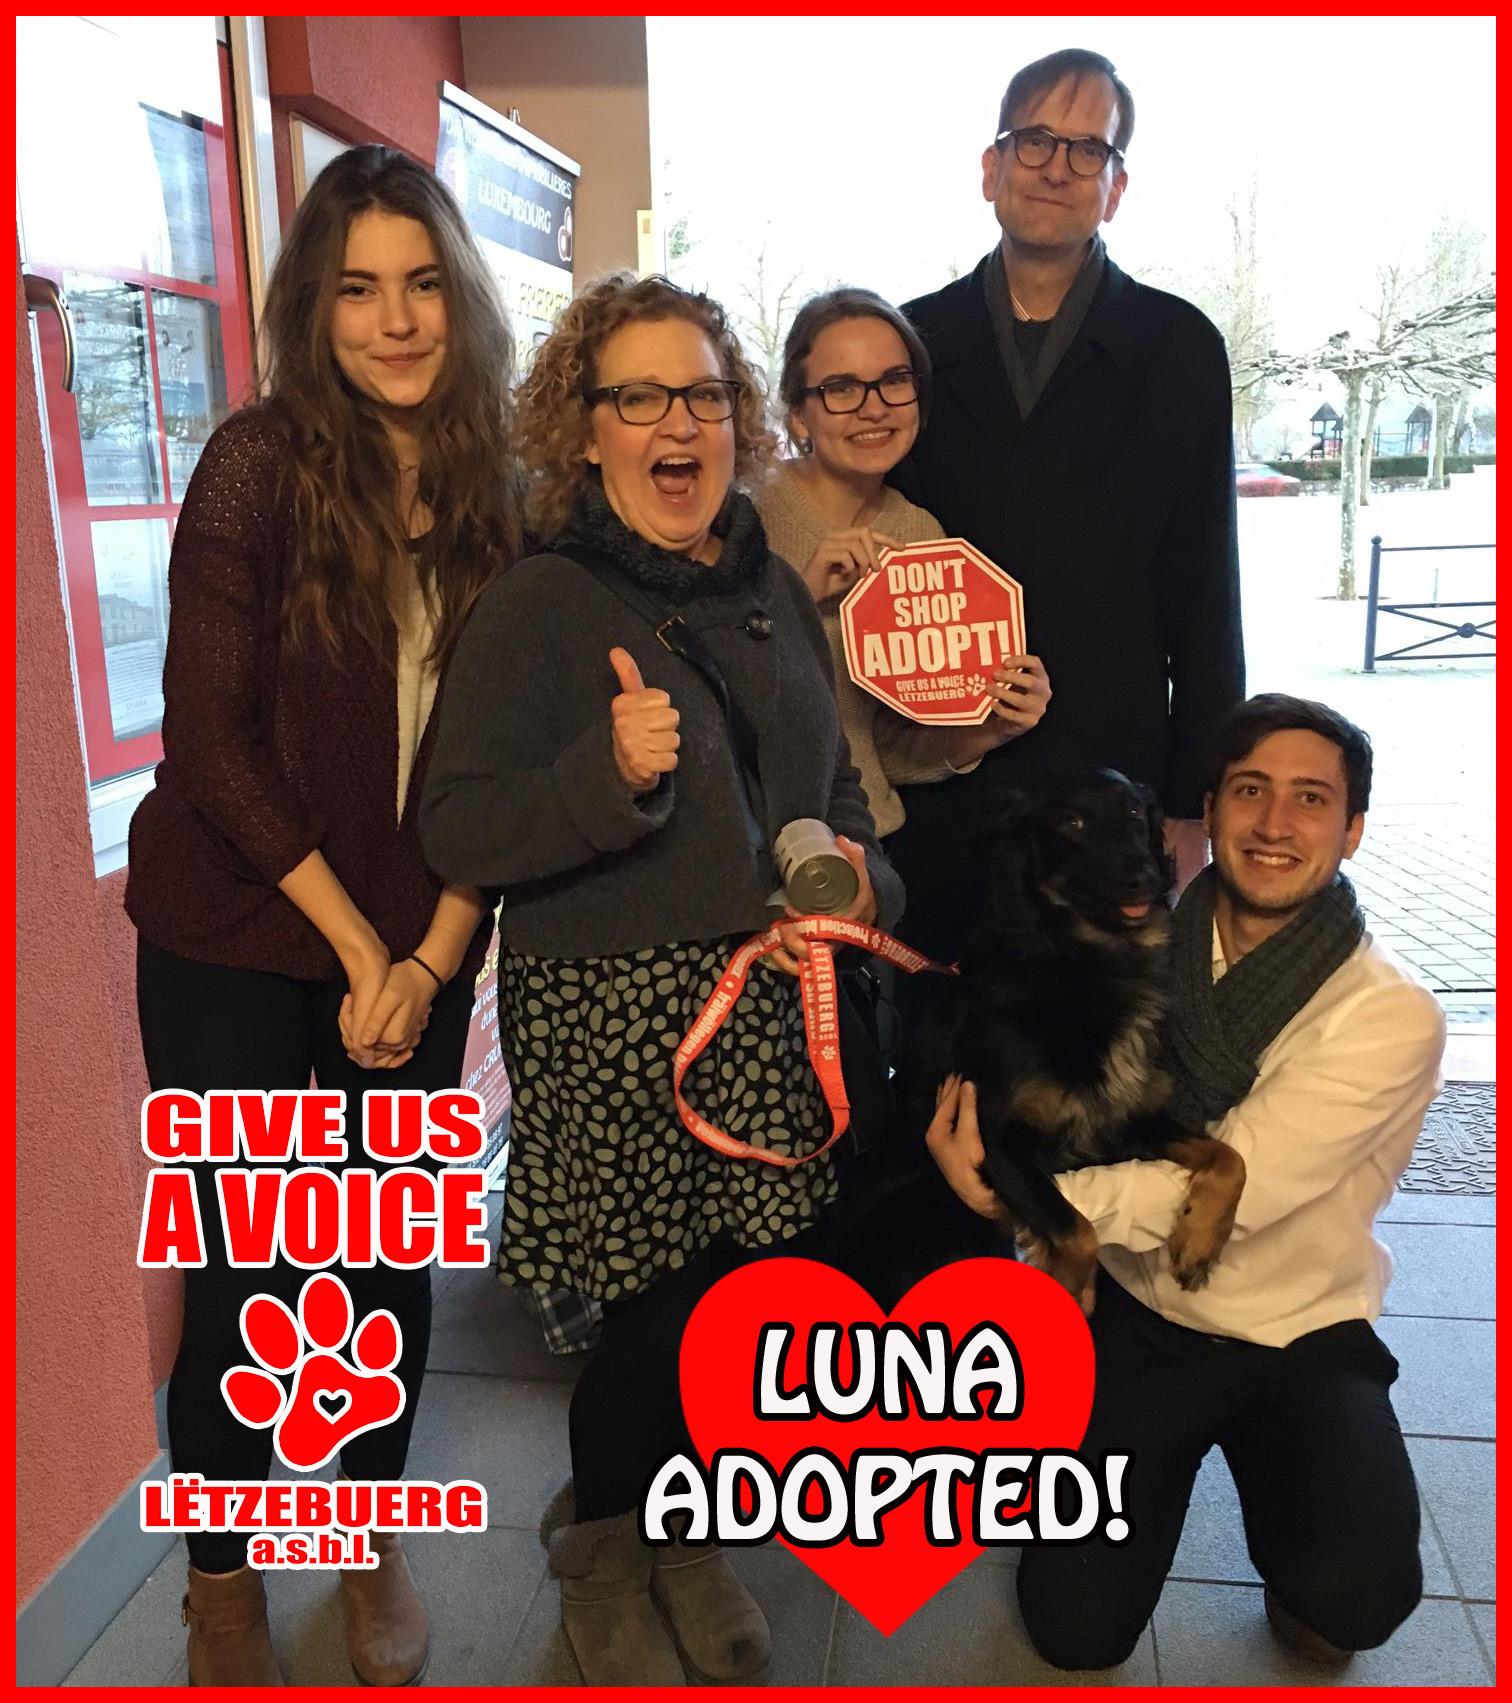 Luna Adopted! copy